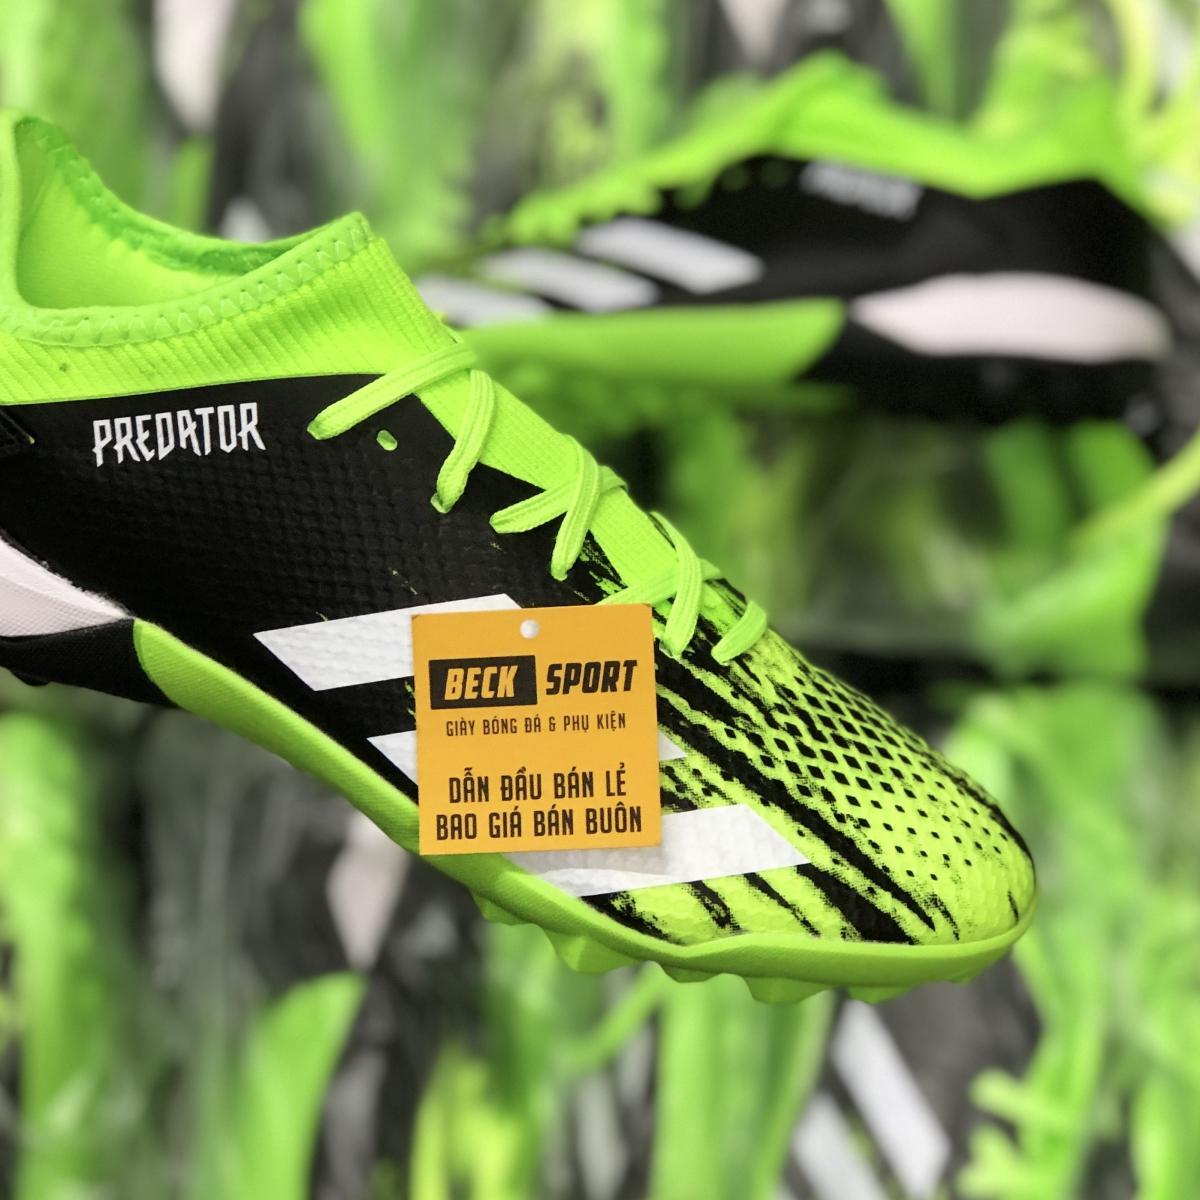 Giày Bóng Đá Adidas Predator 20.3 Đen Xanh Lá Vạch Trắng HQ TF